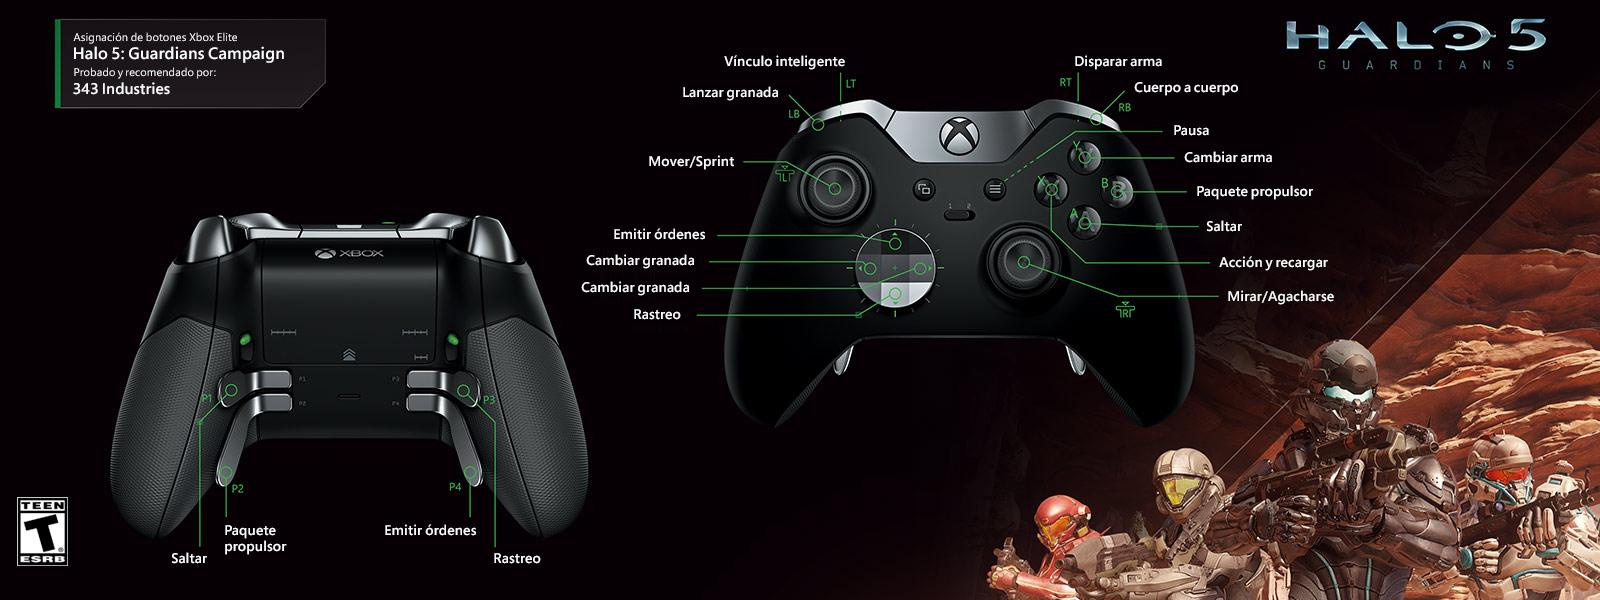 Campaña Halo 5: Guardians (asignación de funciones del control Elite)